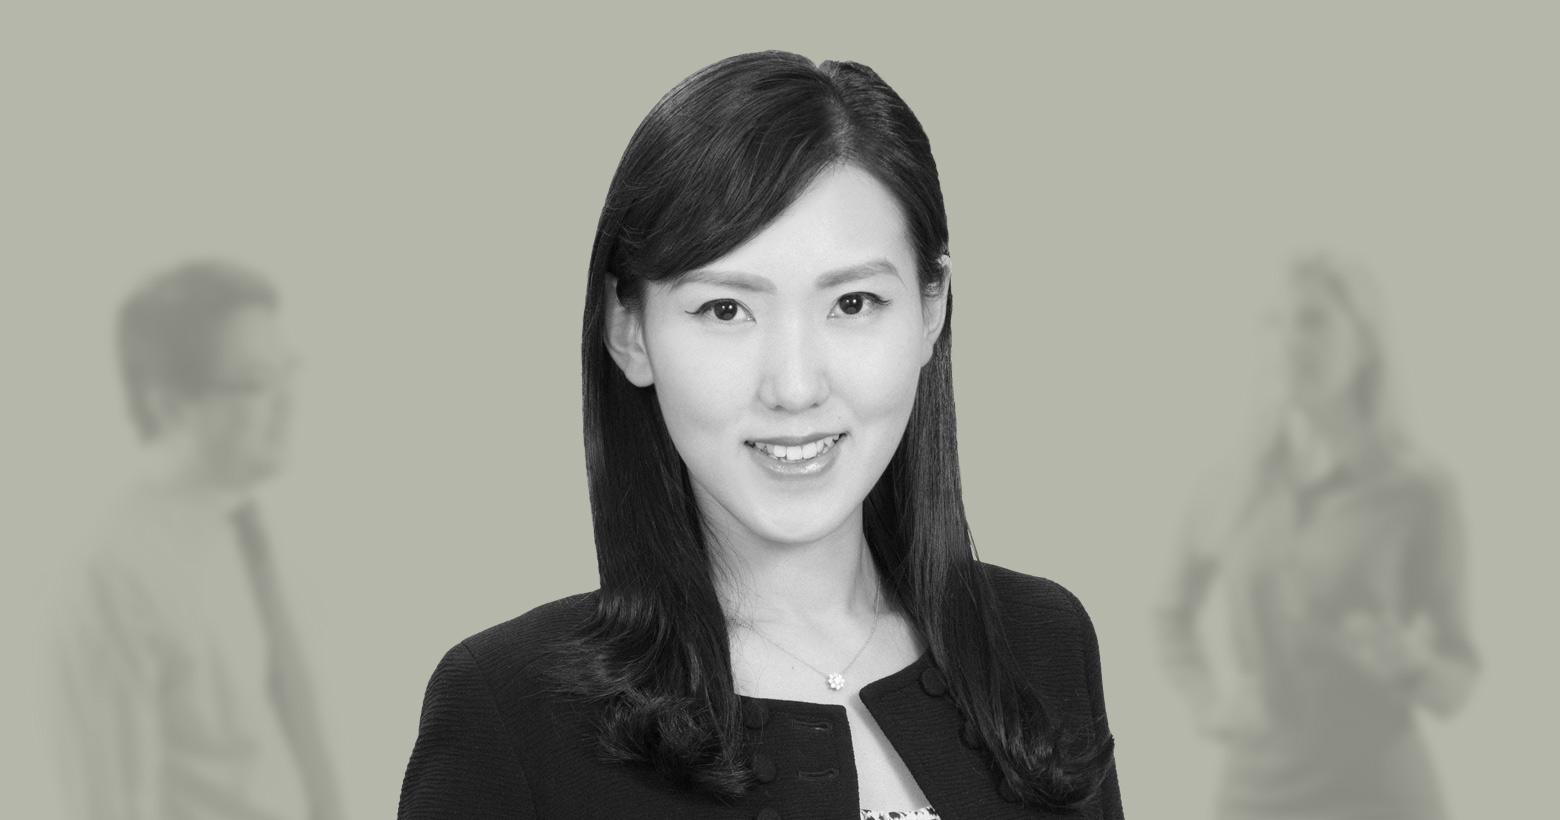 Cherrie Zhang